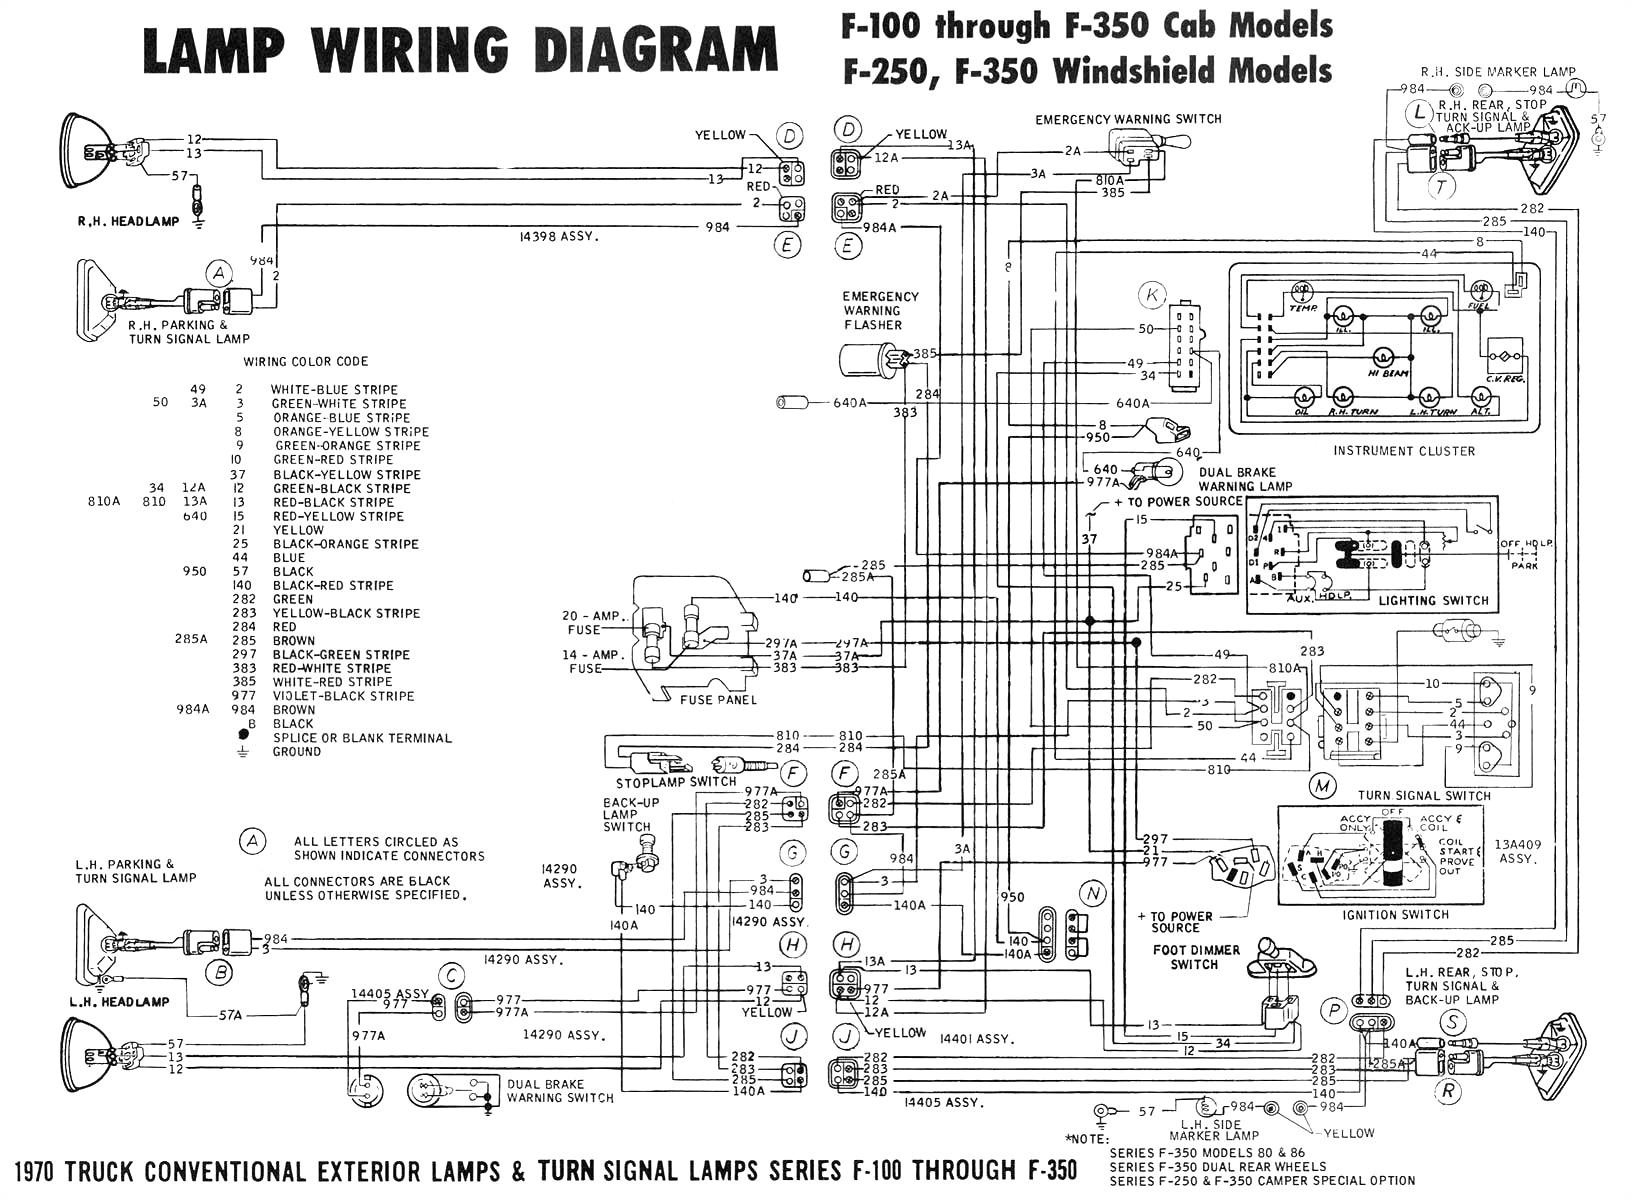 star sv32j basic wiring schematics wiring diagram expert star sv32j basic wiring schematics